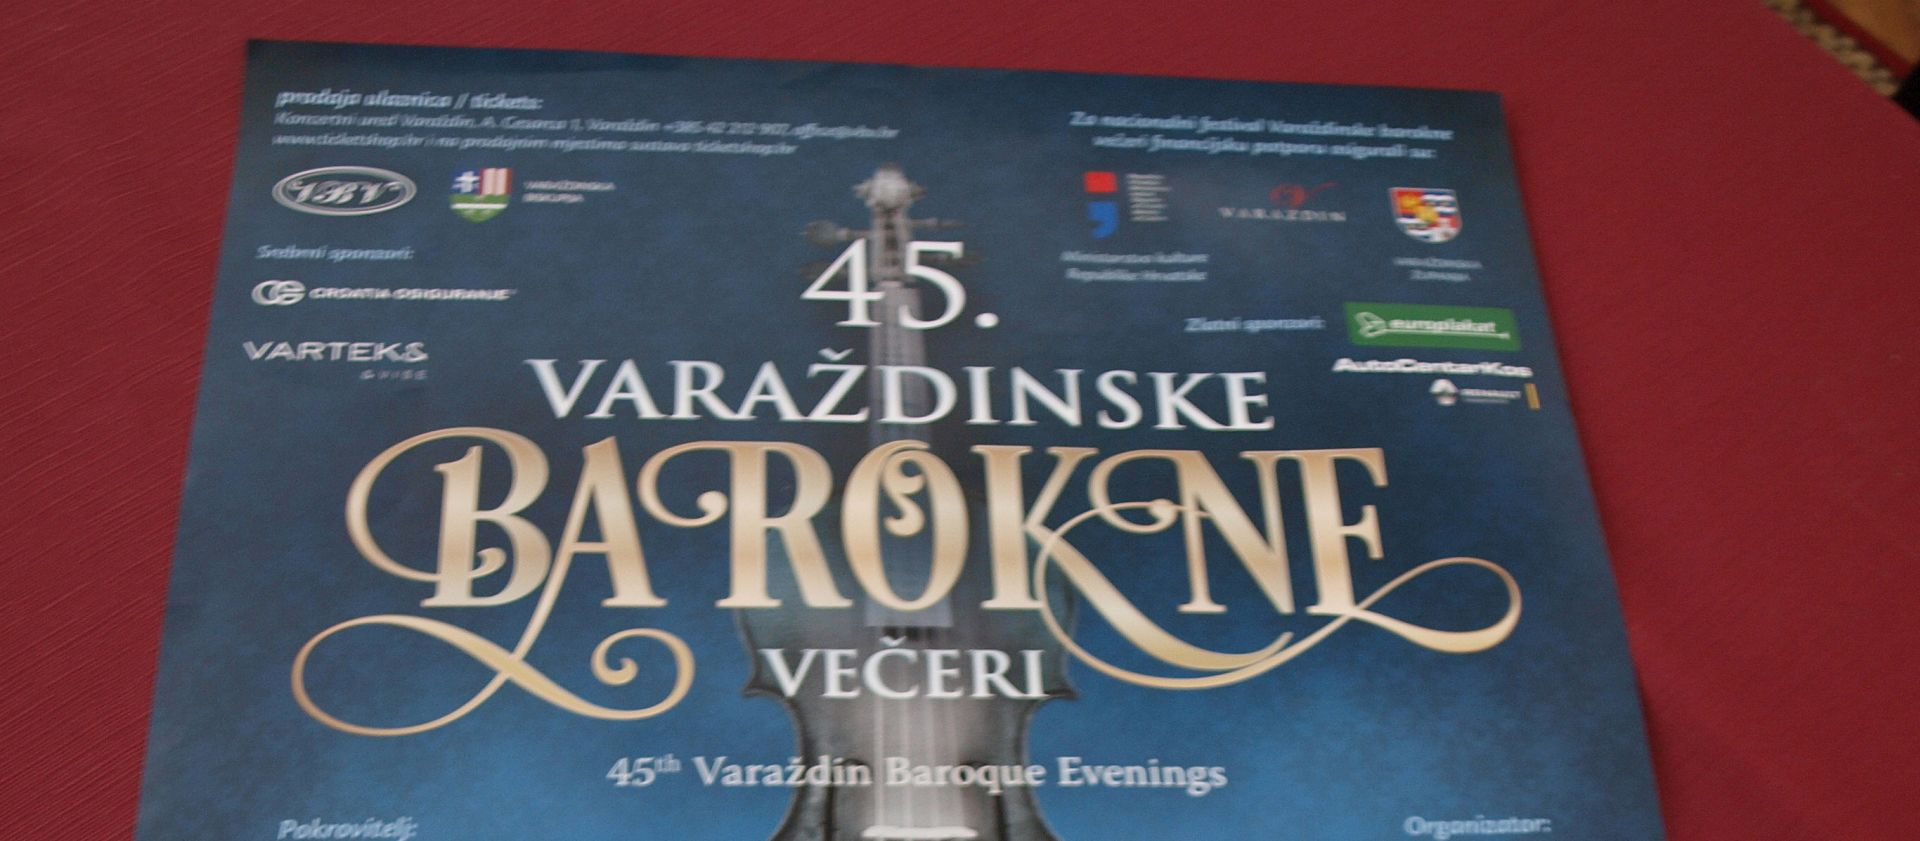 PARTNER FRANCUSKA Otvorene 49. Varaždinske barokne večeri